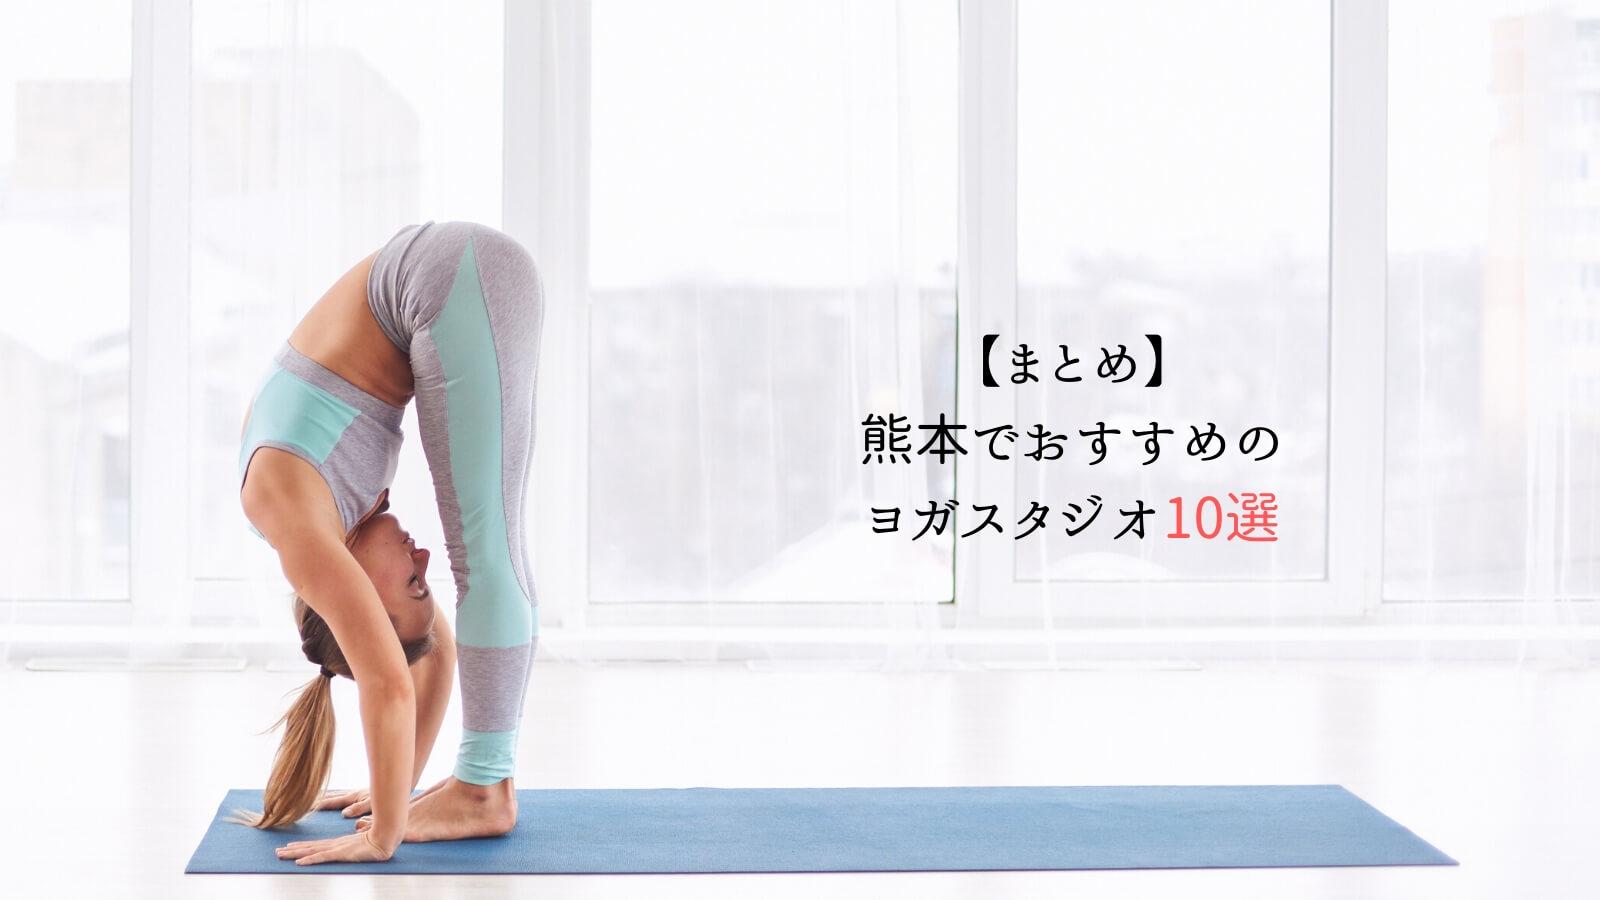 【まとめ】熊本でおすすめのヨガスタジオ10選